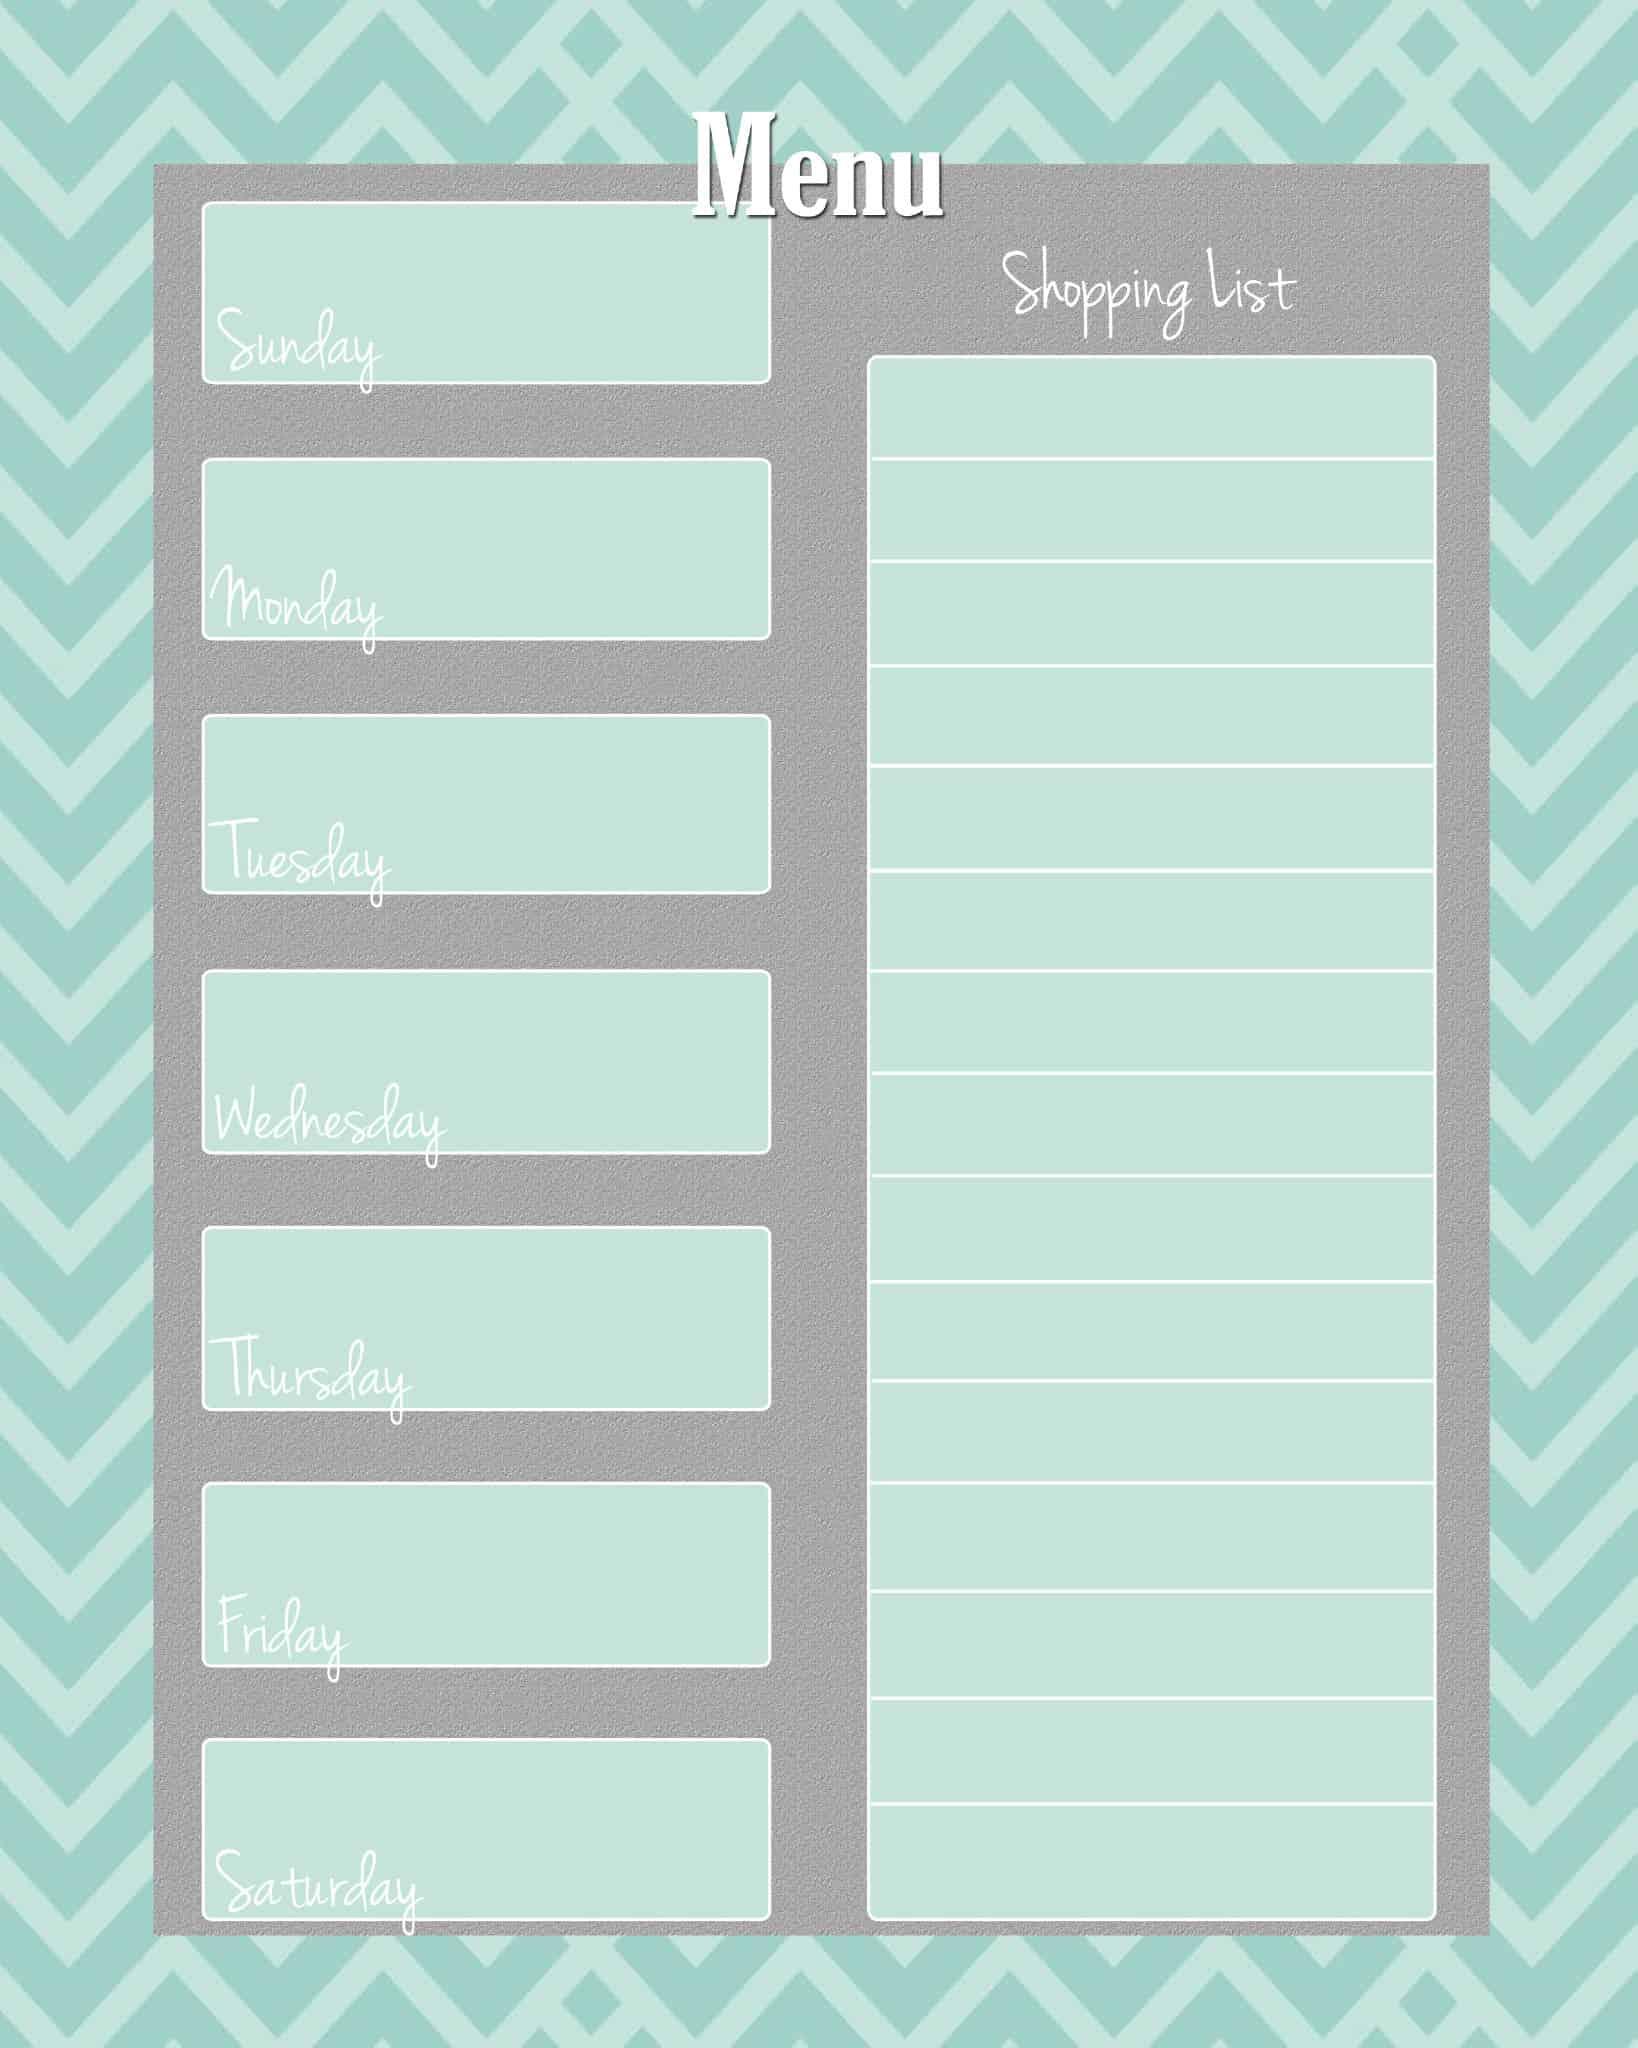 FREE Weekly Menu Planner Printable 4 Colors